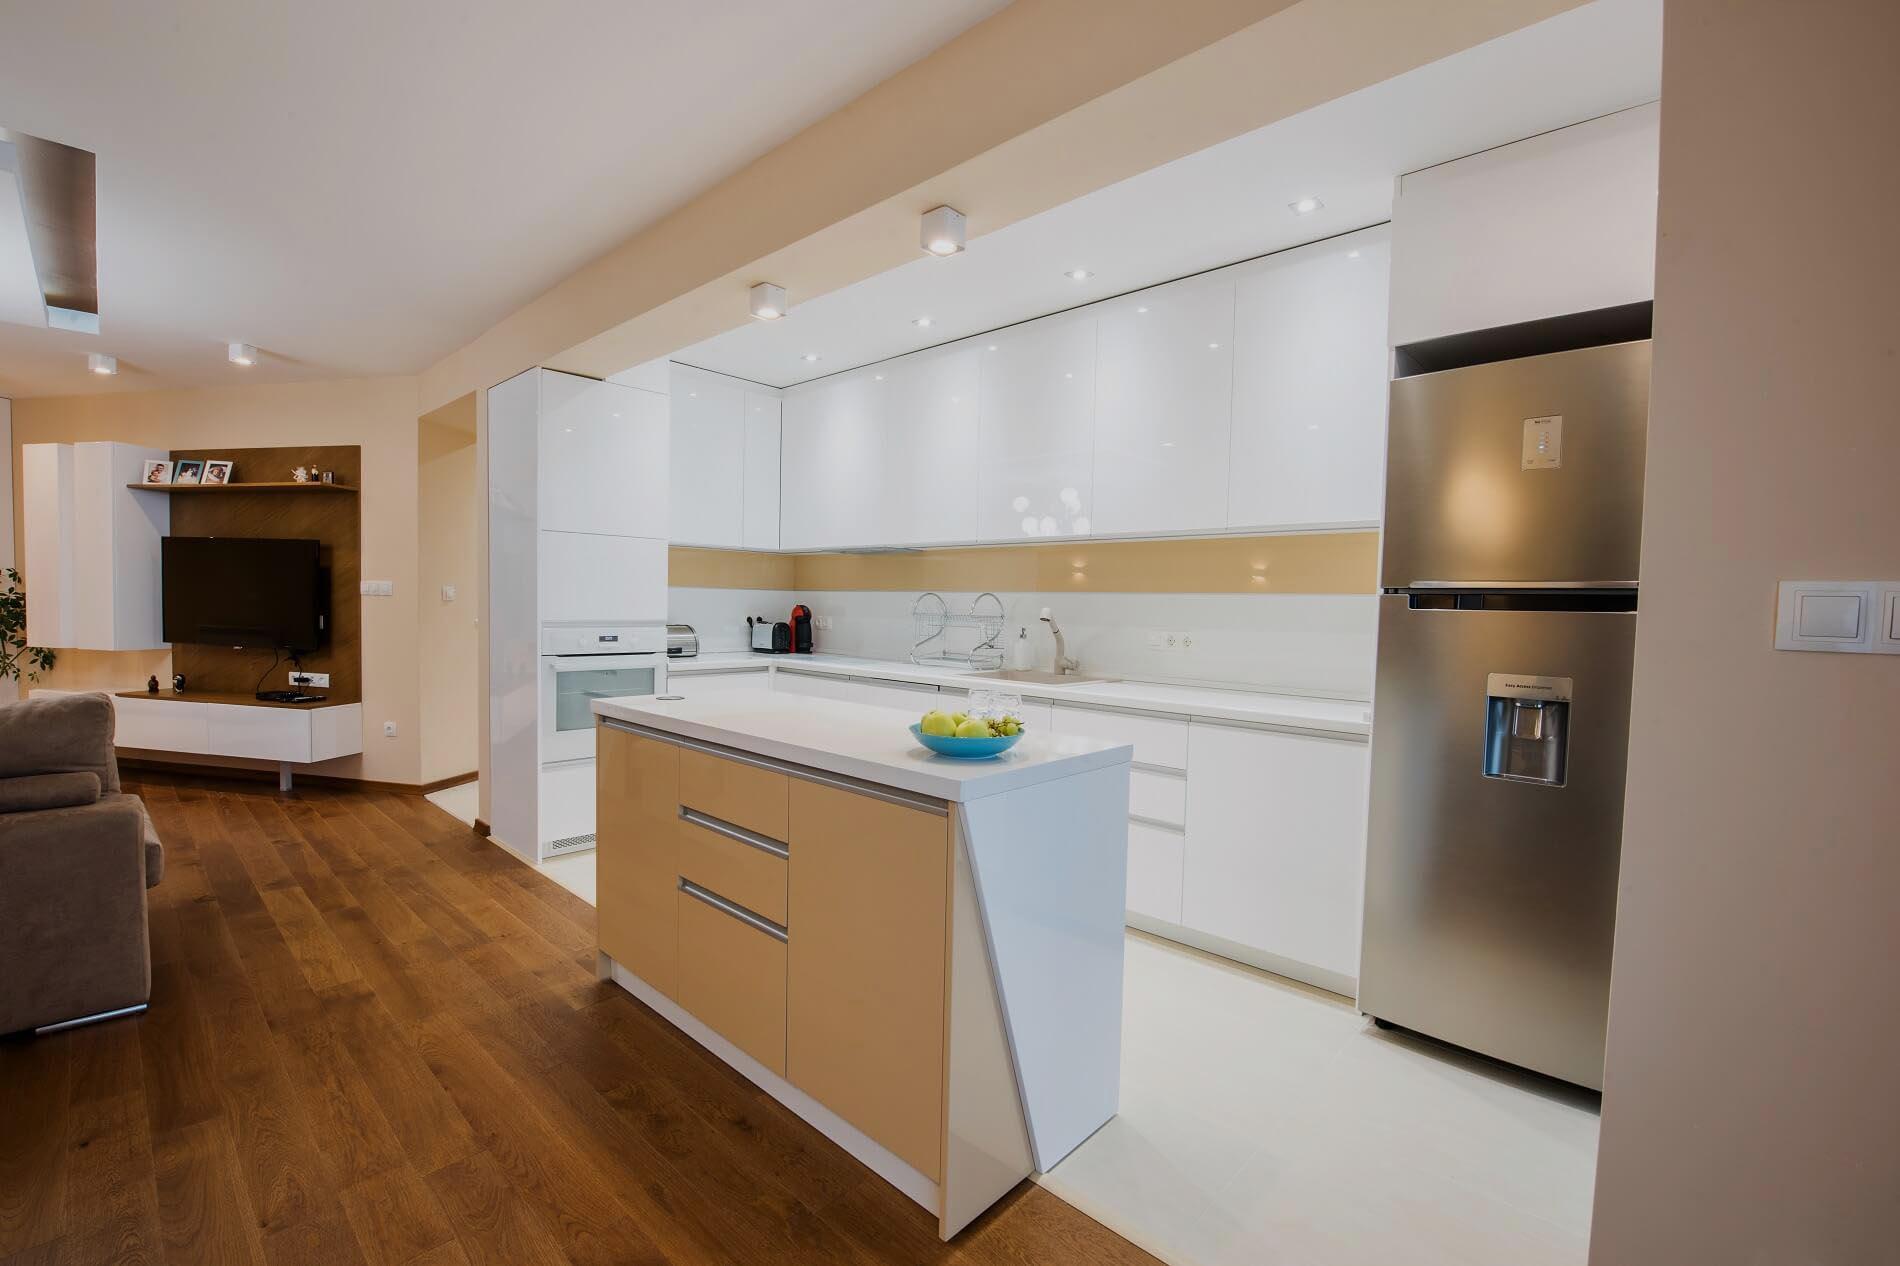 Реализация-дневна-кухня-интериорен-дизайн-realizaciq-kuhnq-unison-design-унисон-дизайн